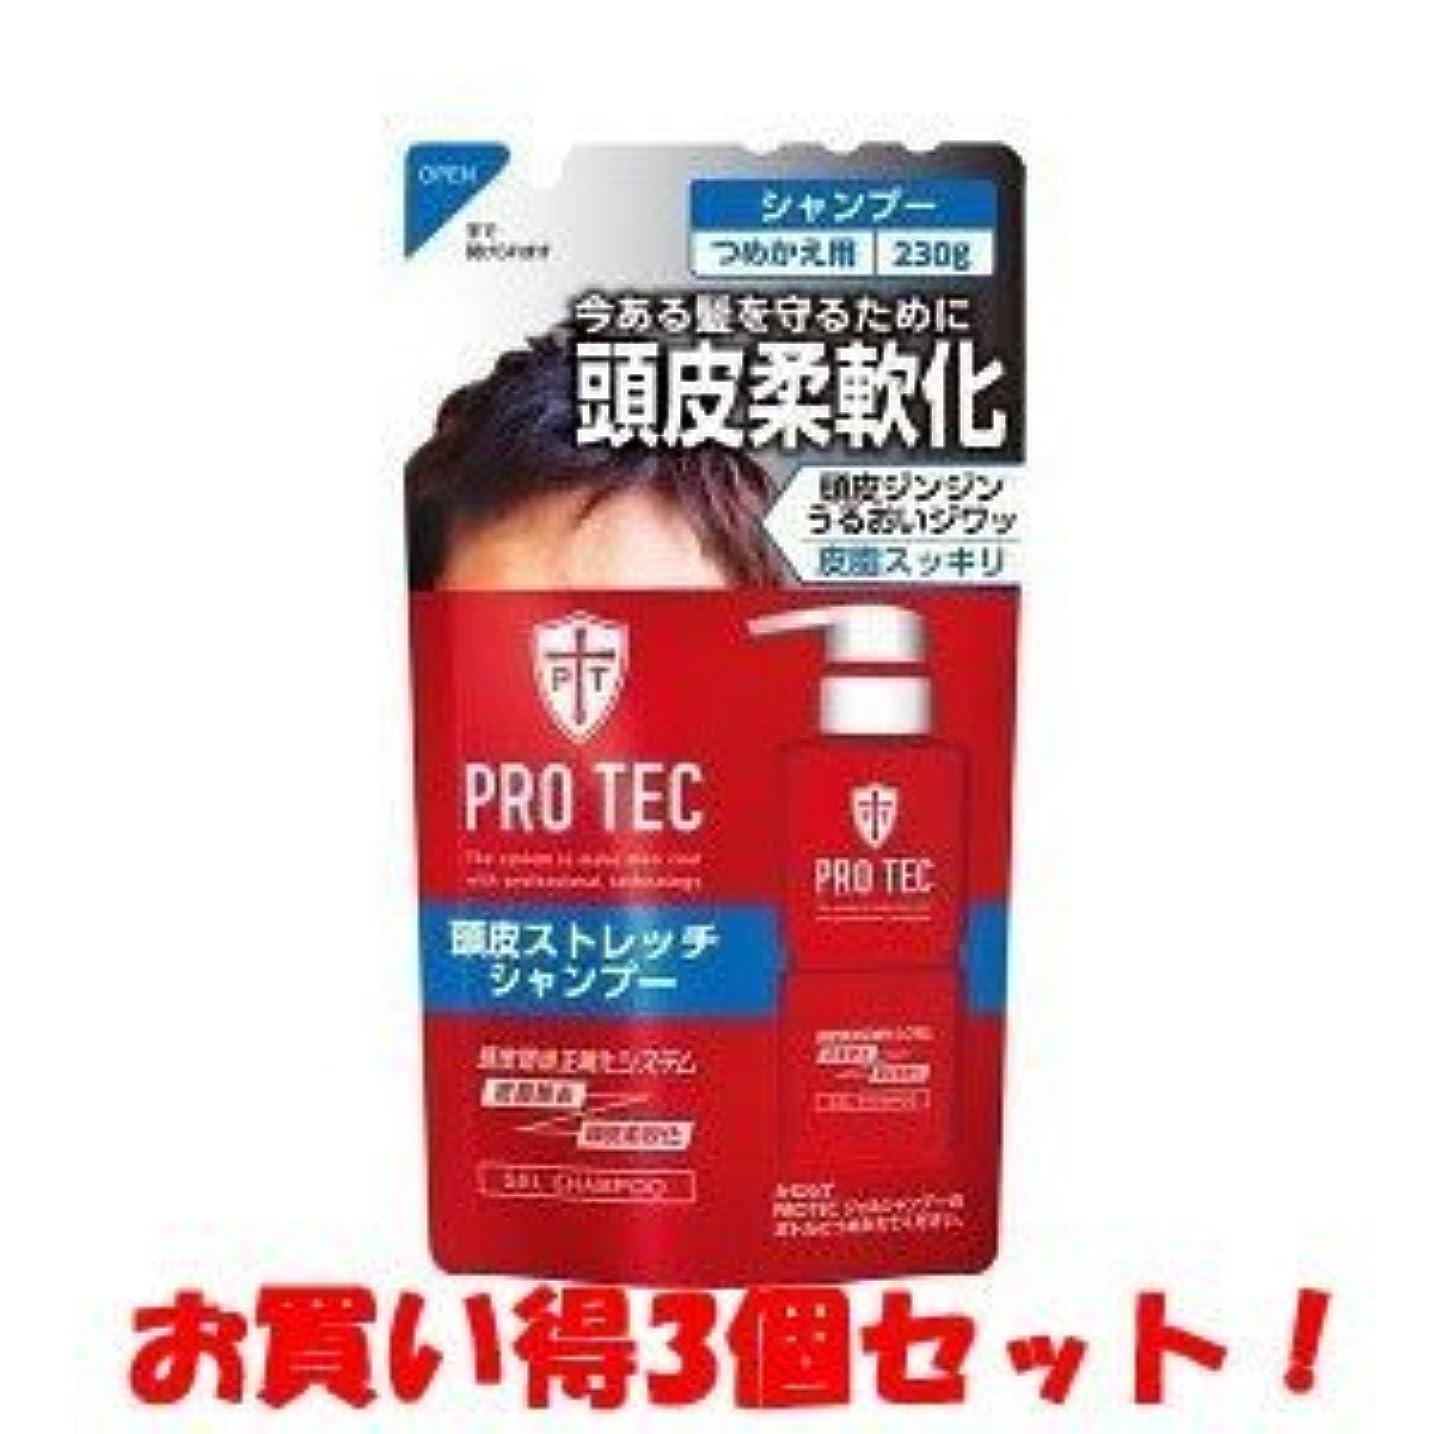 ブルジョンサスペンション後者(ライオン)PRO TEC(プロテク) 頭皮ストレッチ シャンプー つめかえ用 230g(医薬部外品)(お買い得3個セット)